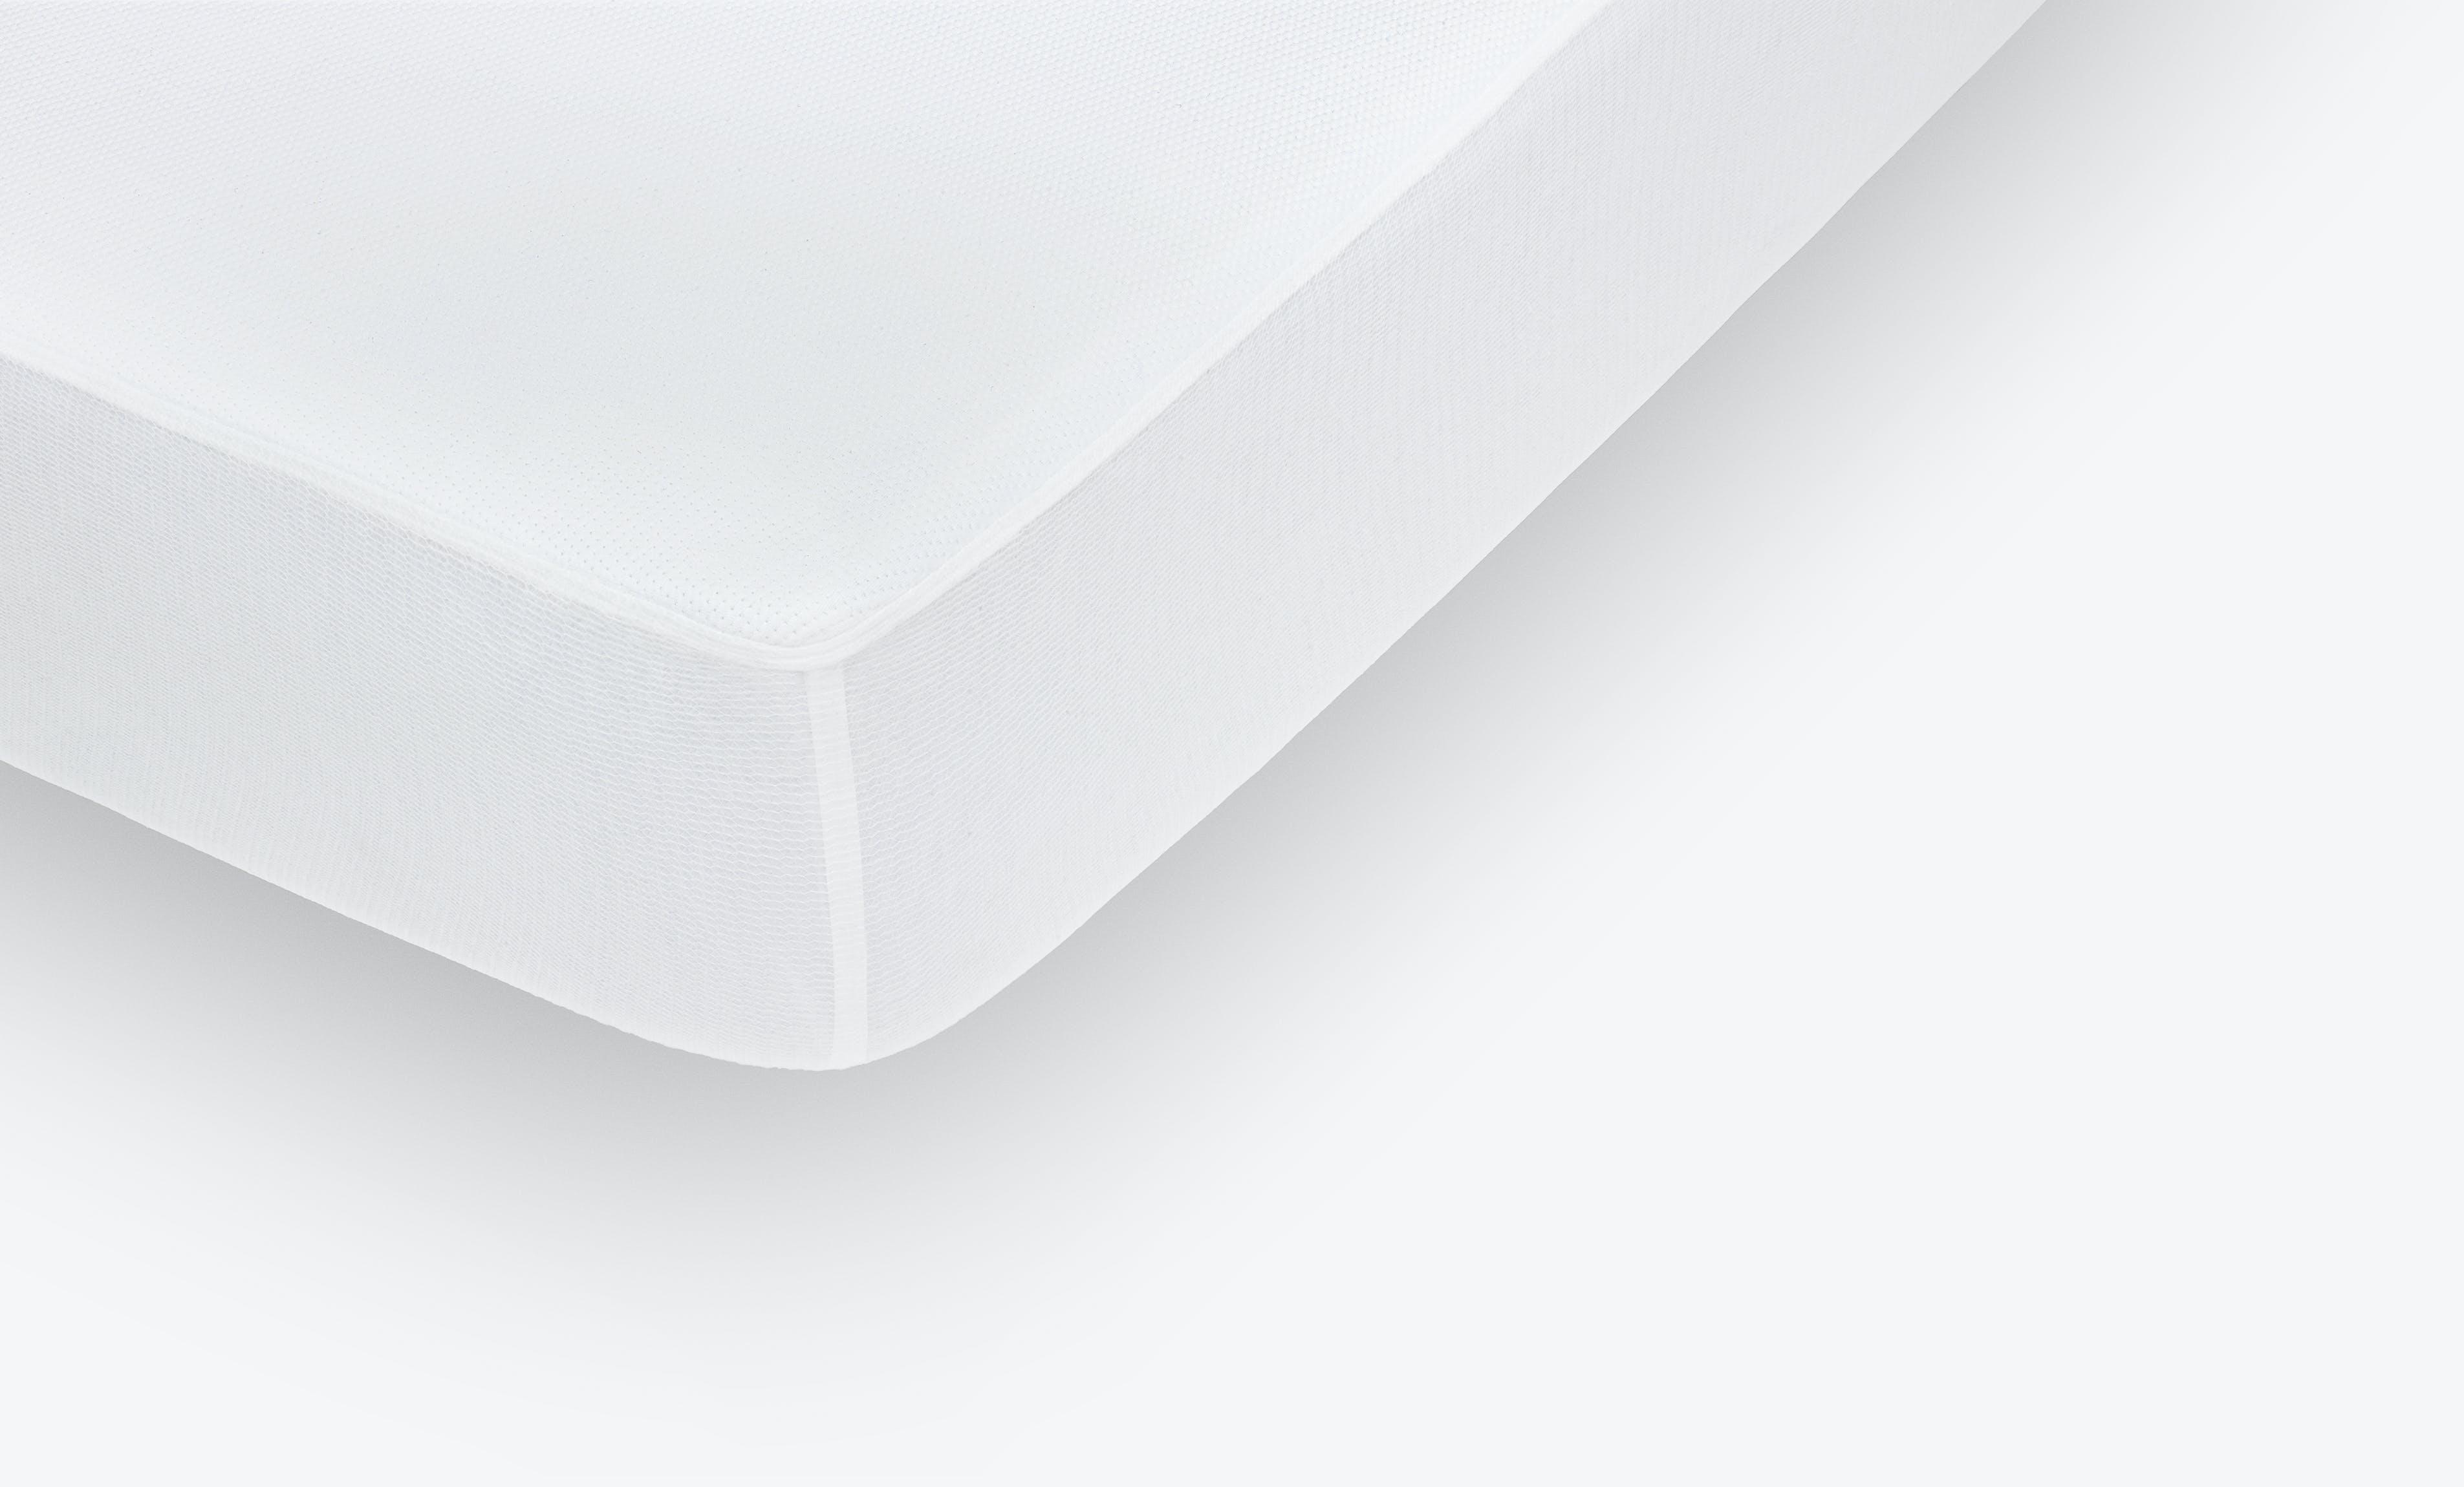 Casper Mattress Protector Close Up